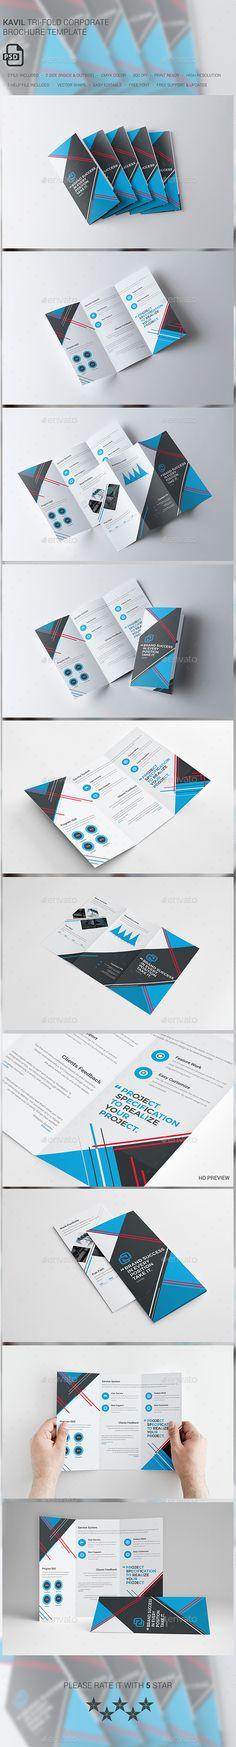 Kavil Corporate Tri-fold Brochure Template PSD